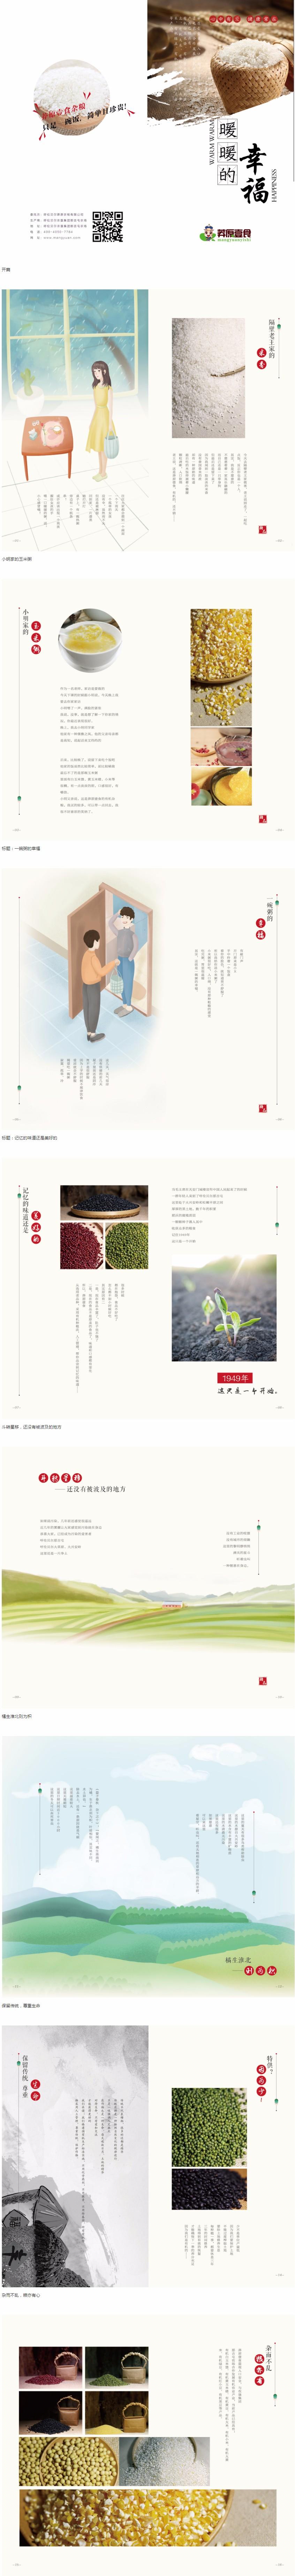 莽原壹食农产品-1.jpg